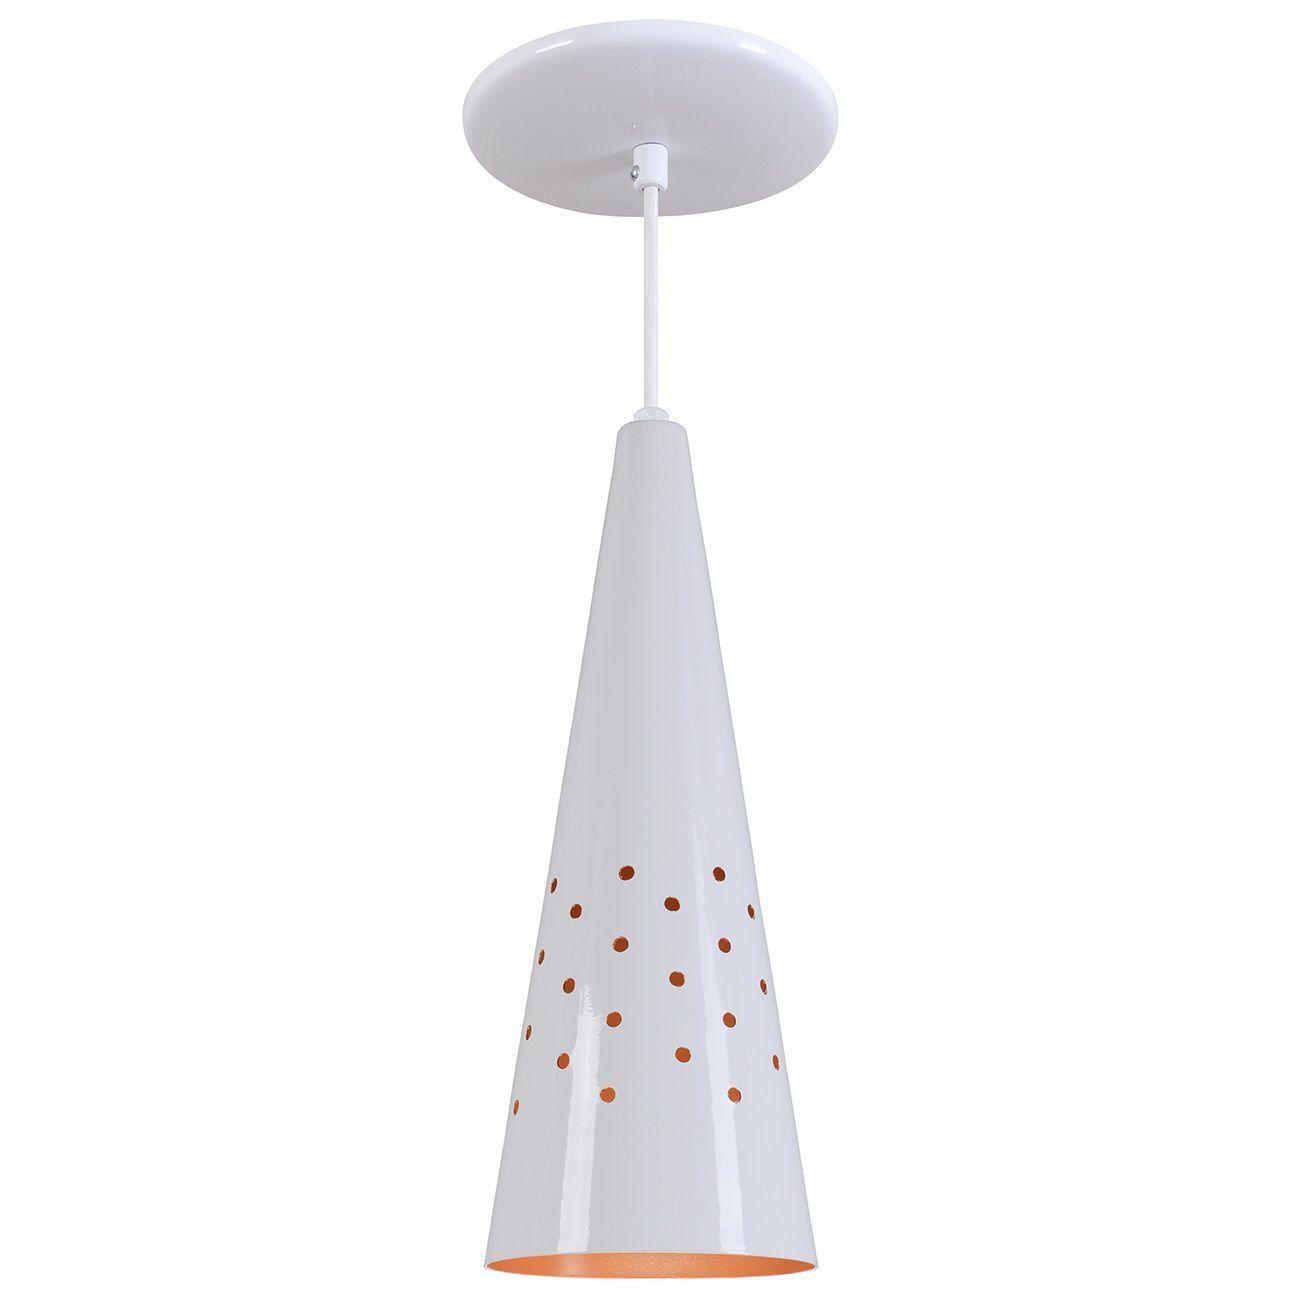 Pendente Cone Furado Luminária Lustre Alumínio Branco Brilhante C/ Cobre - Rei Da Iluminação